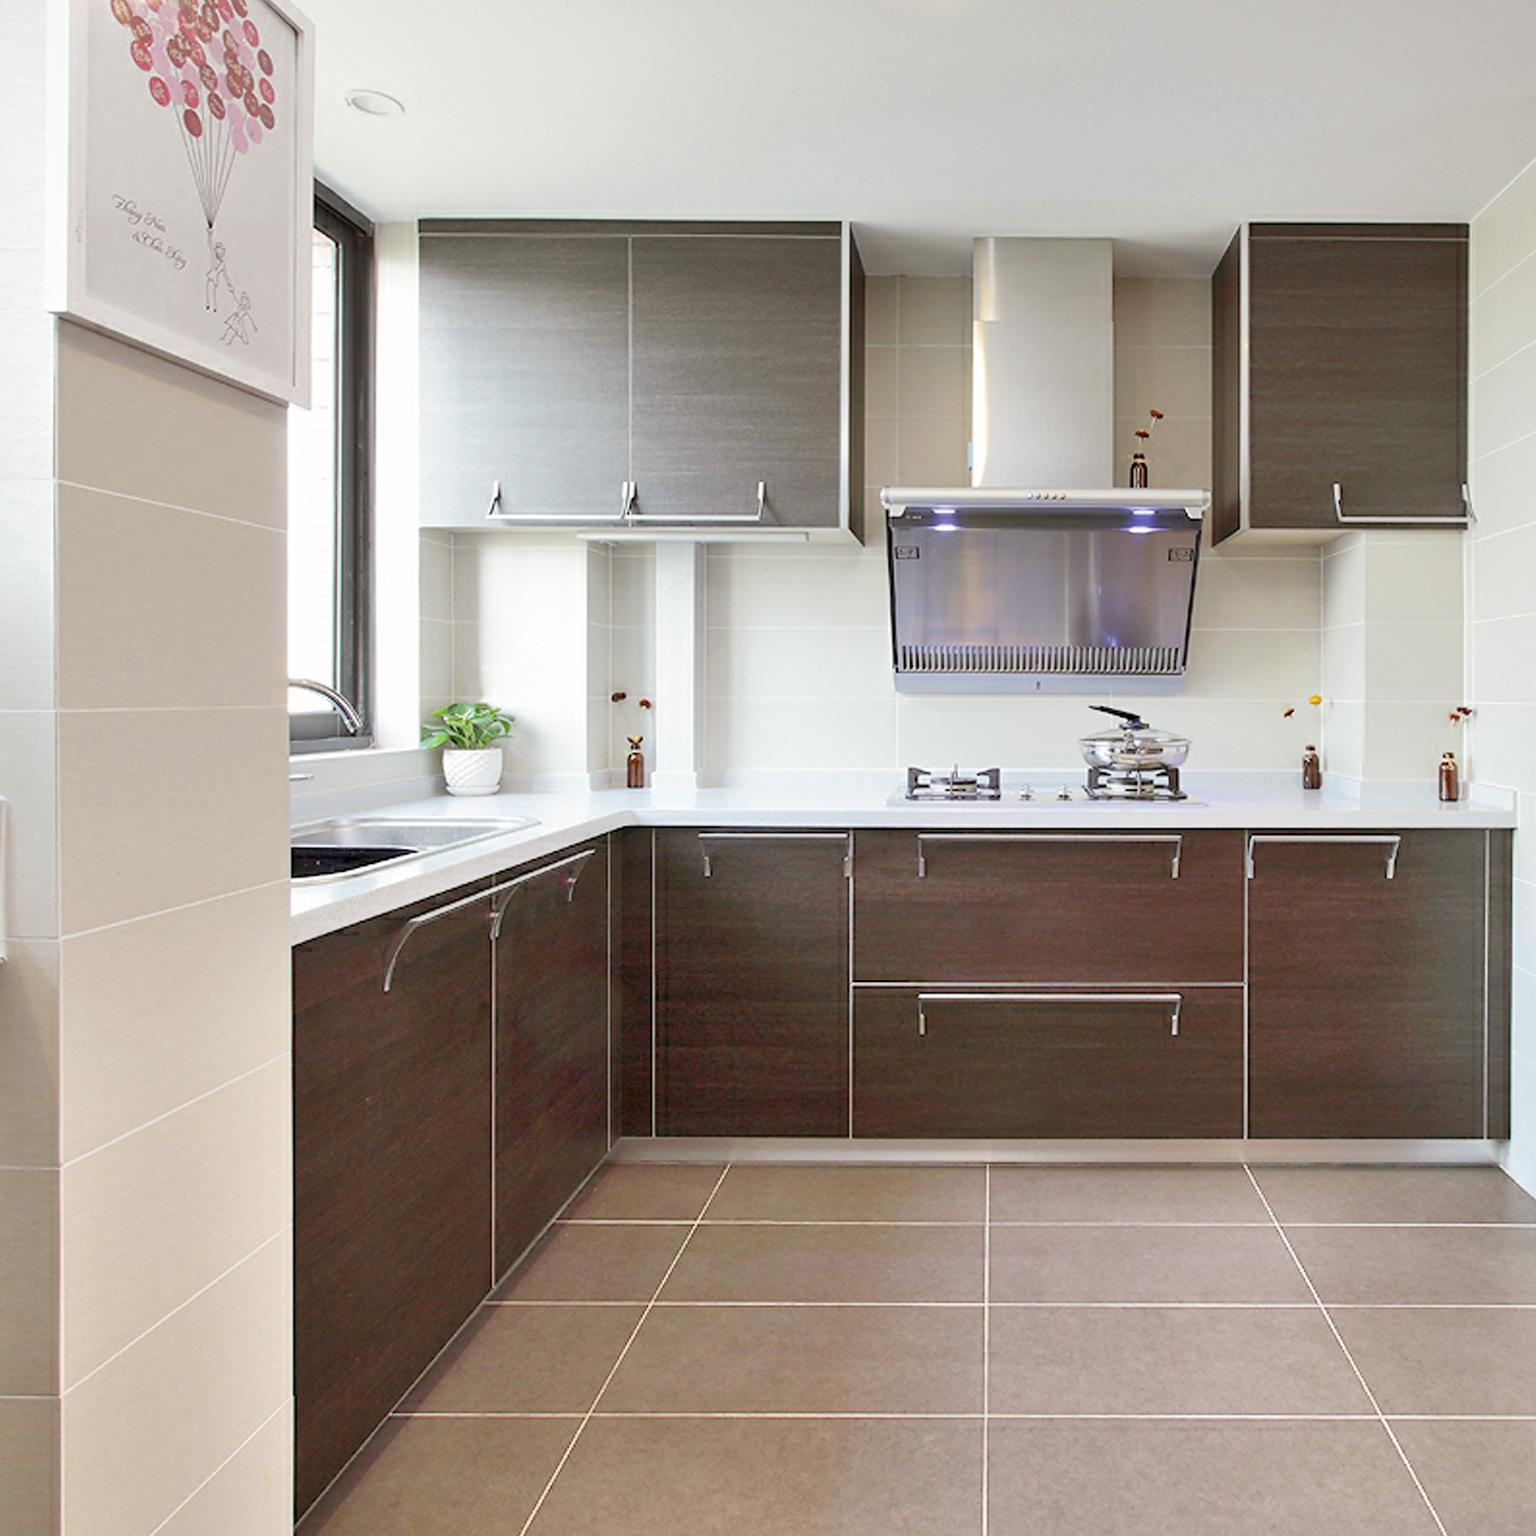 装修美图 田园厨房装修效果图  免费户型设计 3家优质装修公司免费帮图片